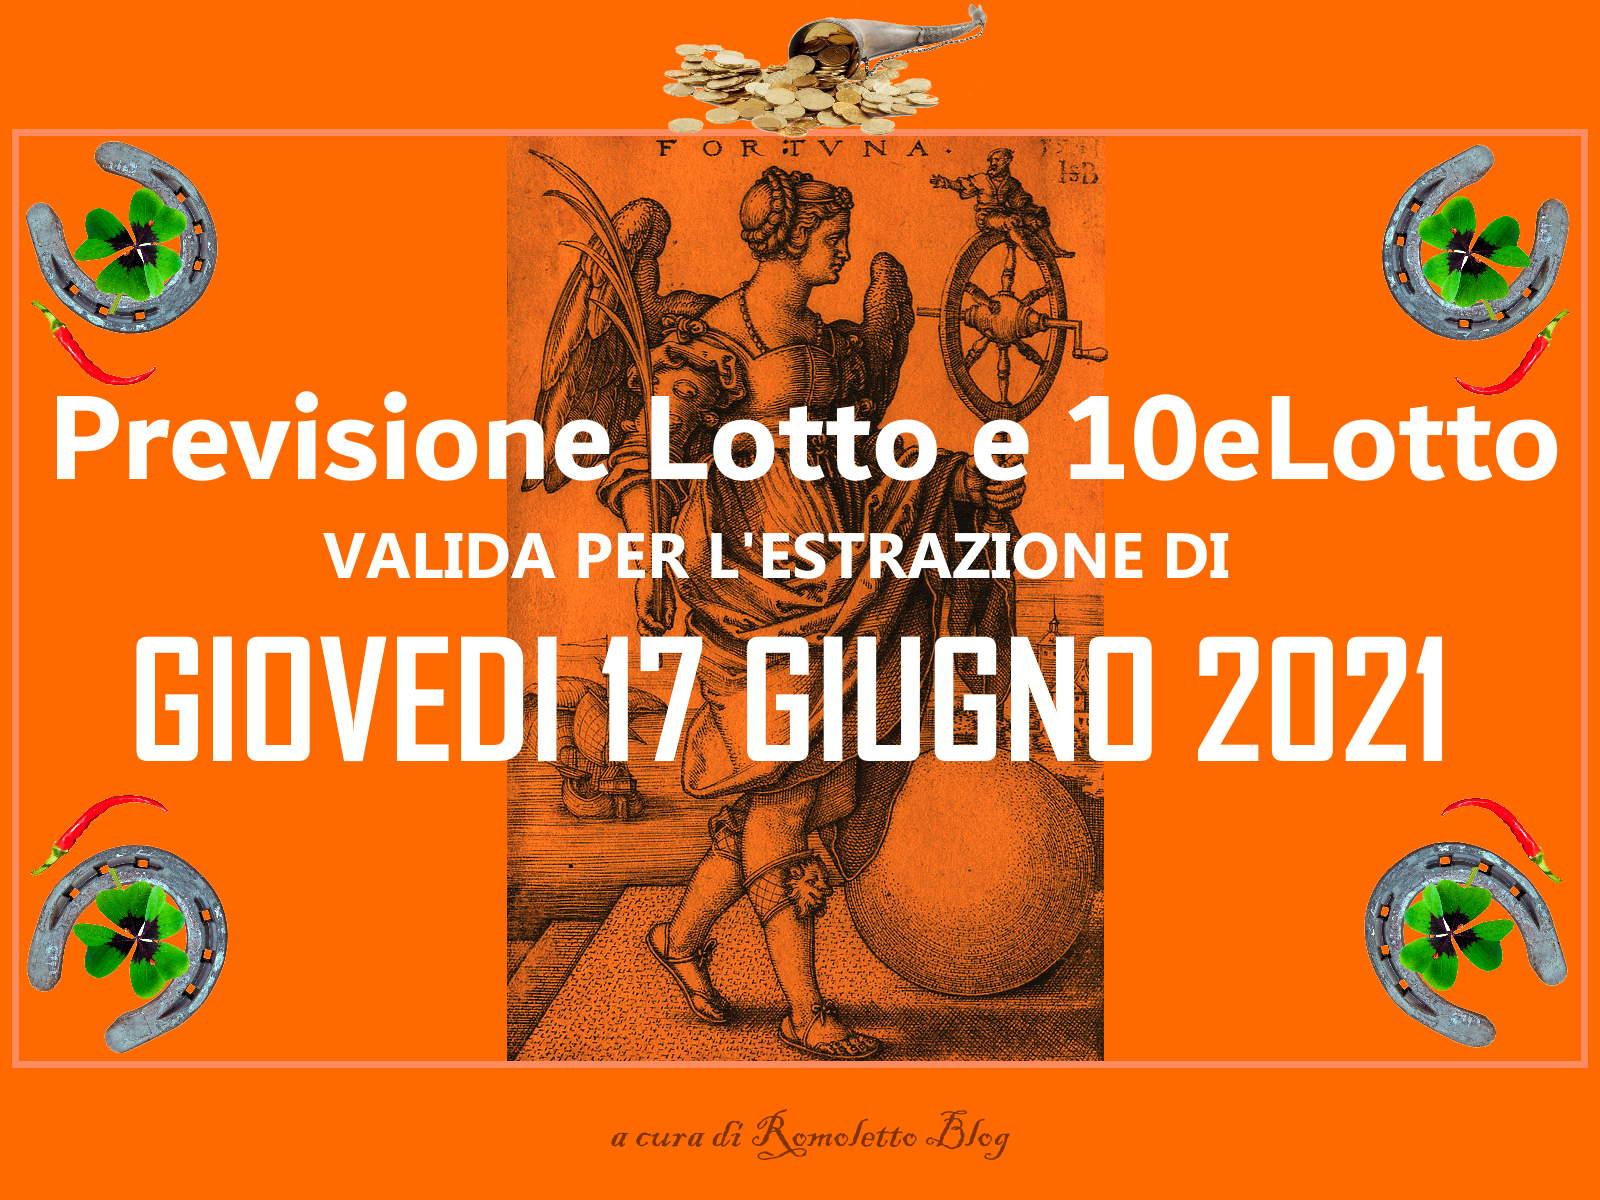 Previsione Lotto 17 Giugno 2021